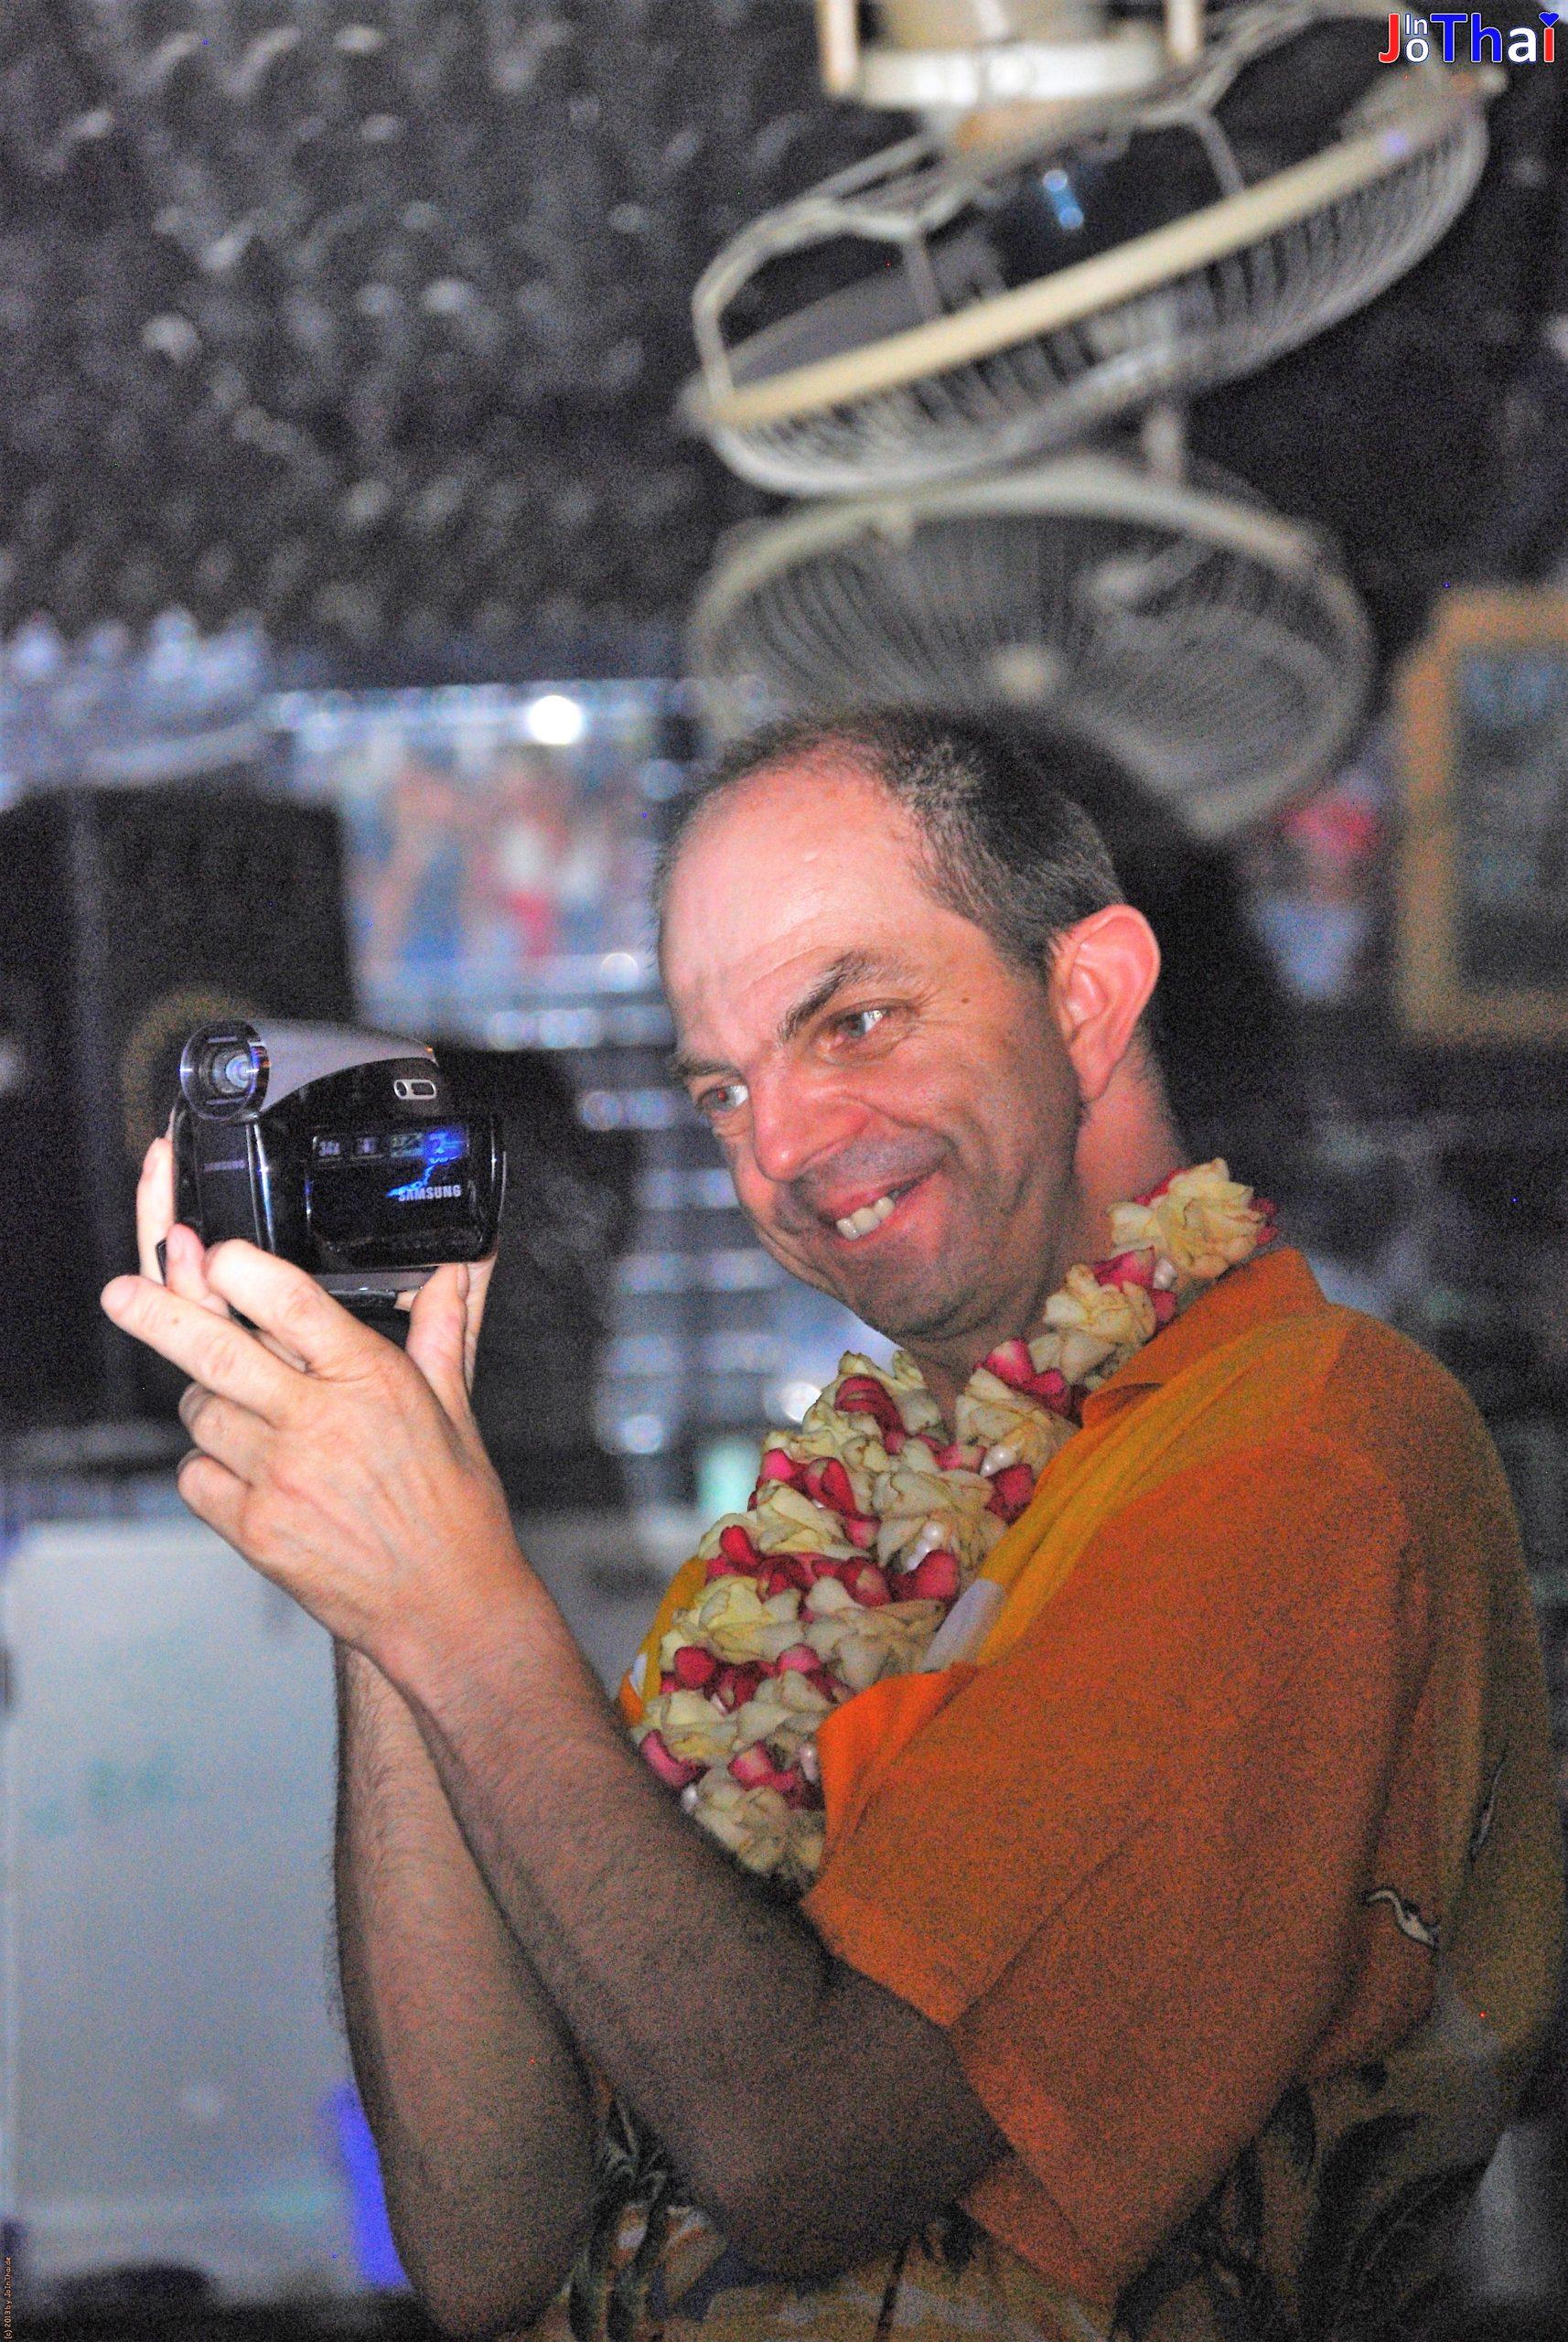 Mario Teusch von DSDS - Leo's Blues Bar - Naklua - Banglamung - Pattaya - Thailand